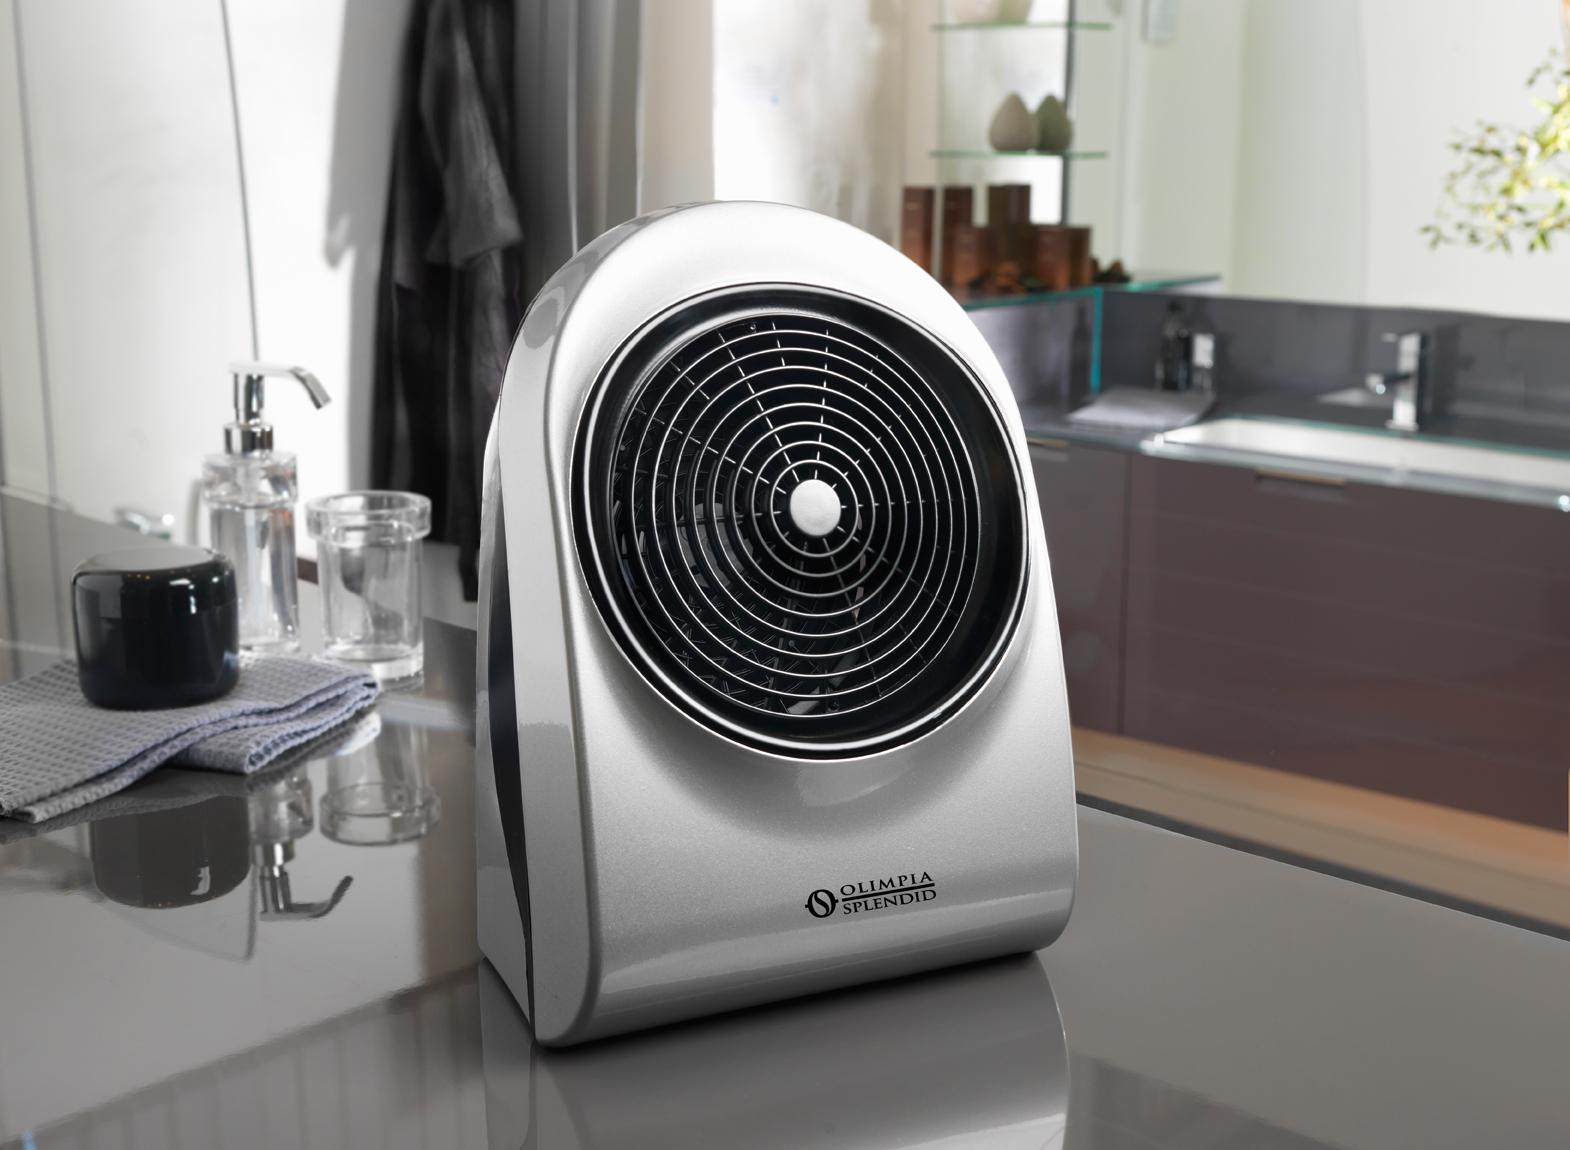 migliori termoventilatori caldobagno per riscaldare gli